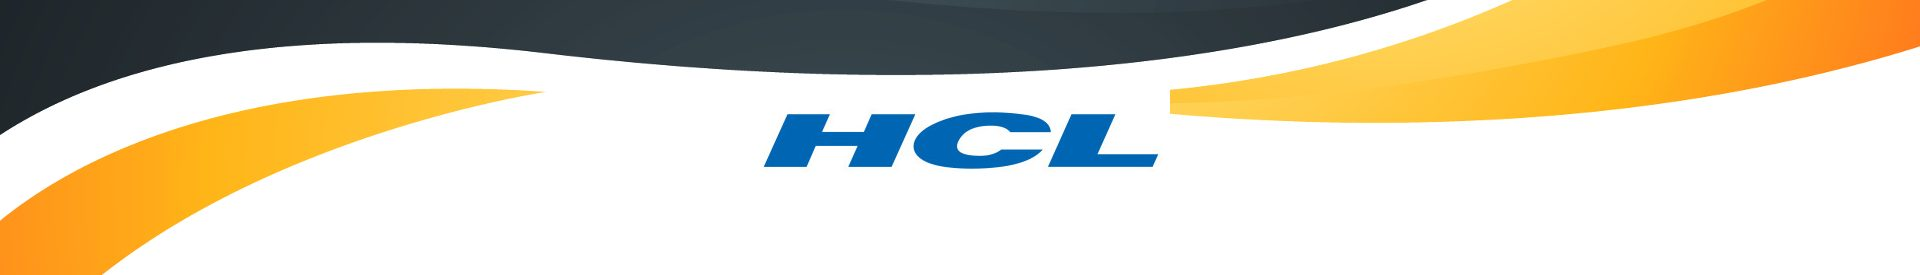 E' ufficiale : la tecnologia Social di IBM è ora passata ad HCL